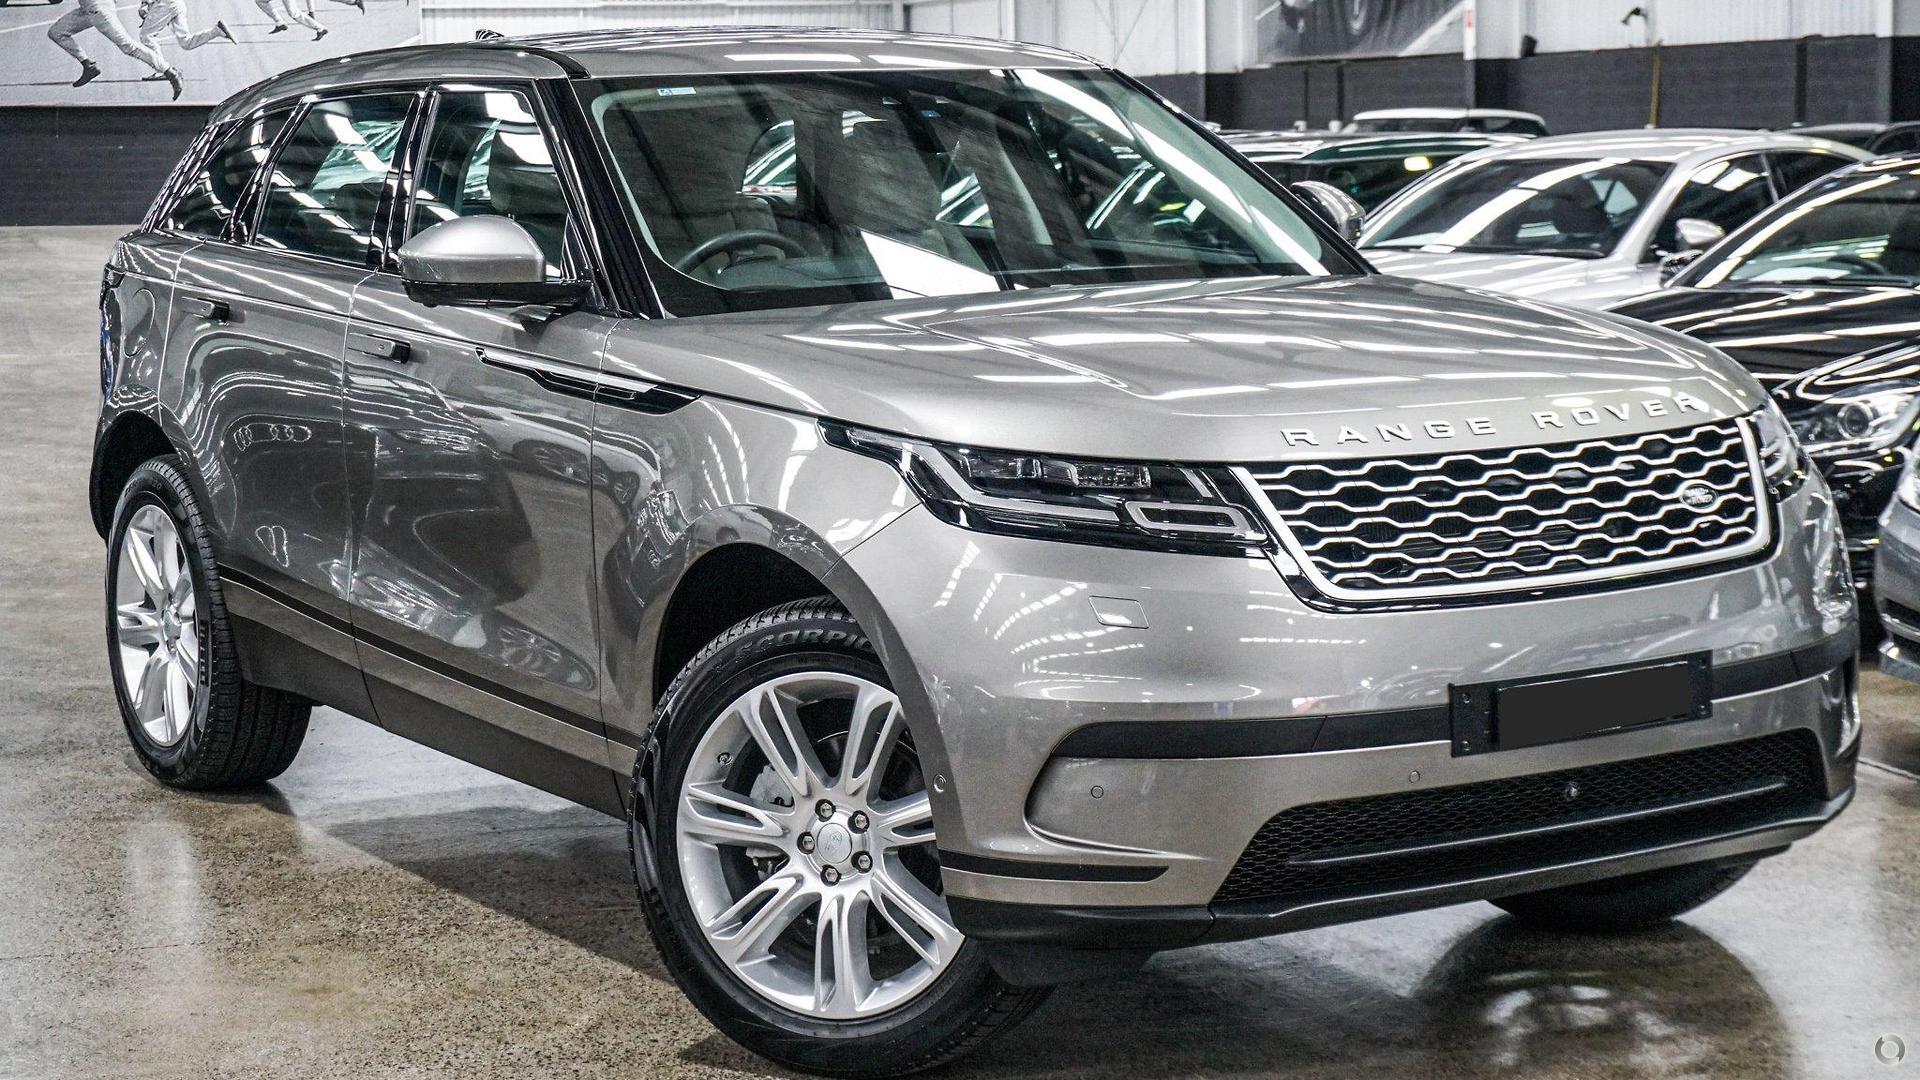 2017 Land Rover Range Rover Velar D240 L560